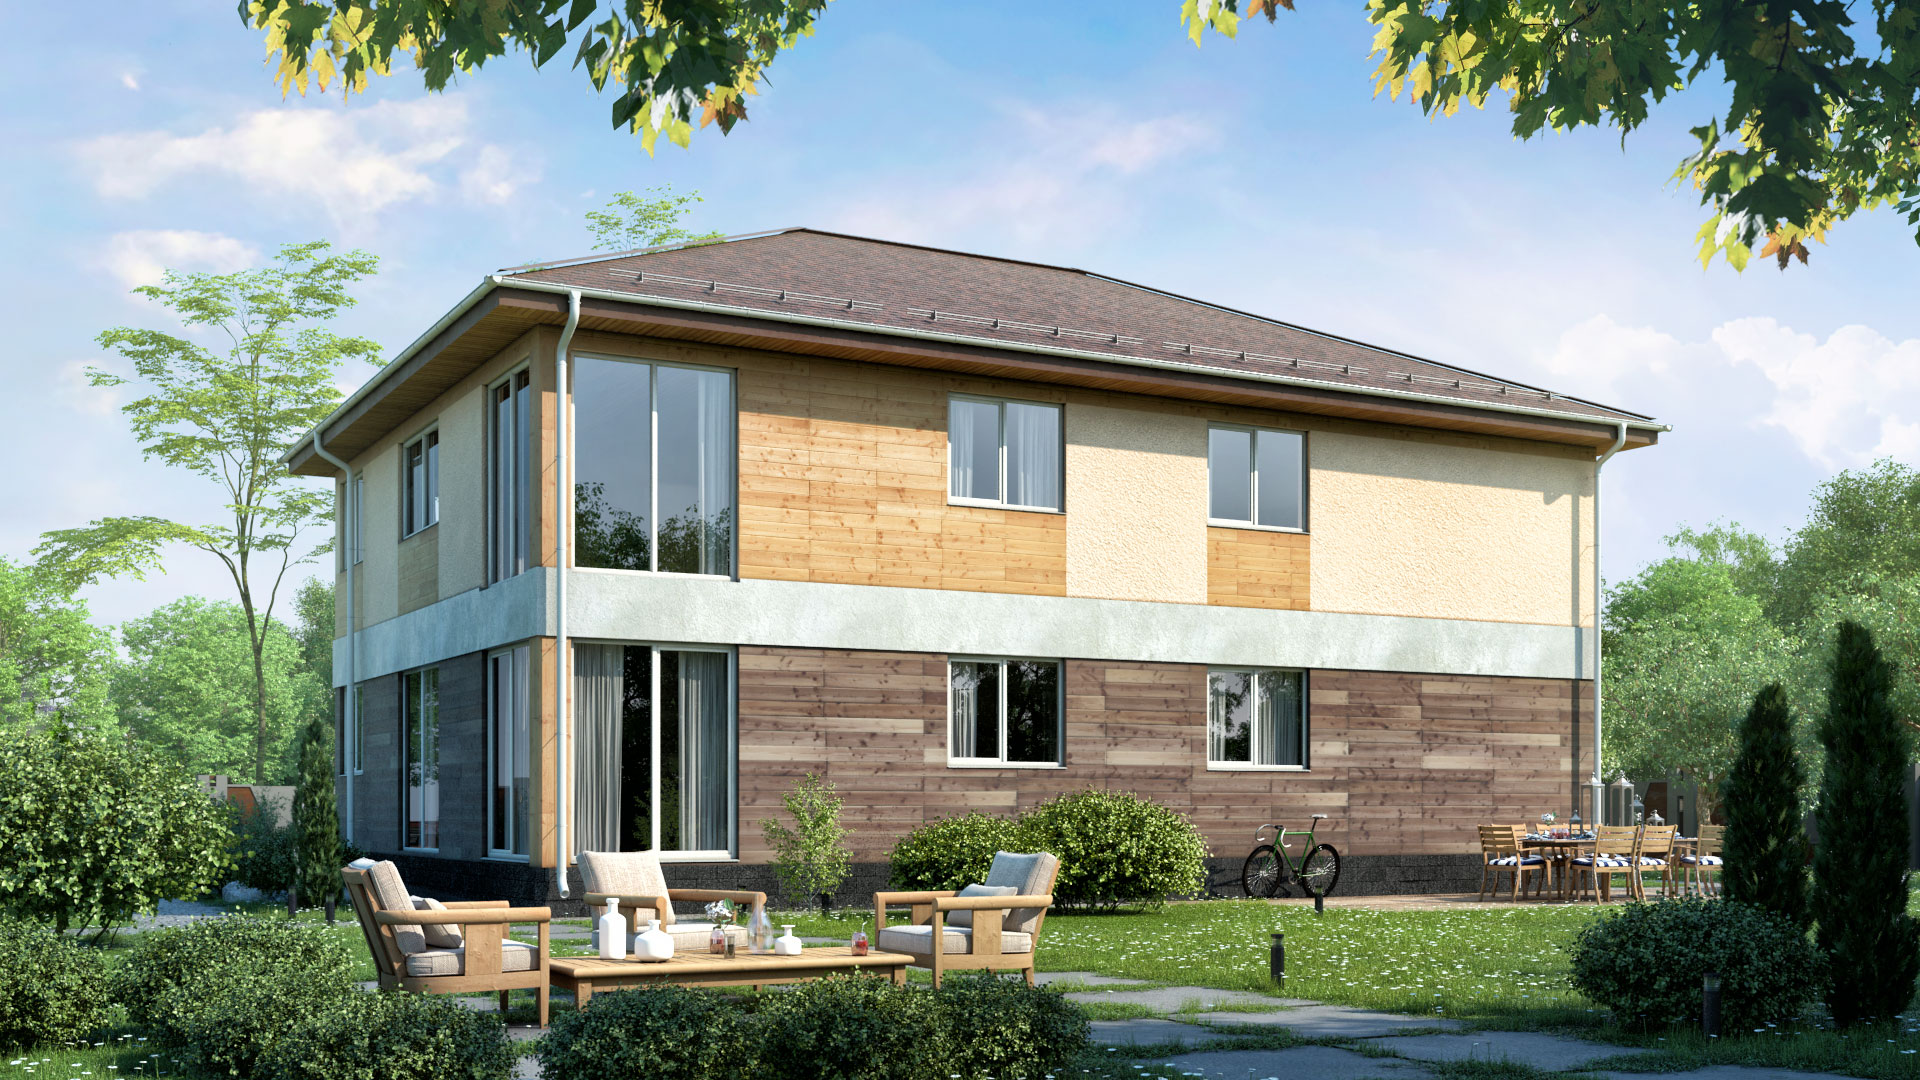 фото домов с балконами полфасада участок расположен динамично